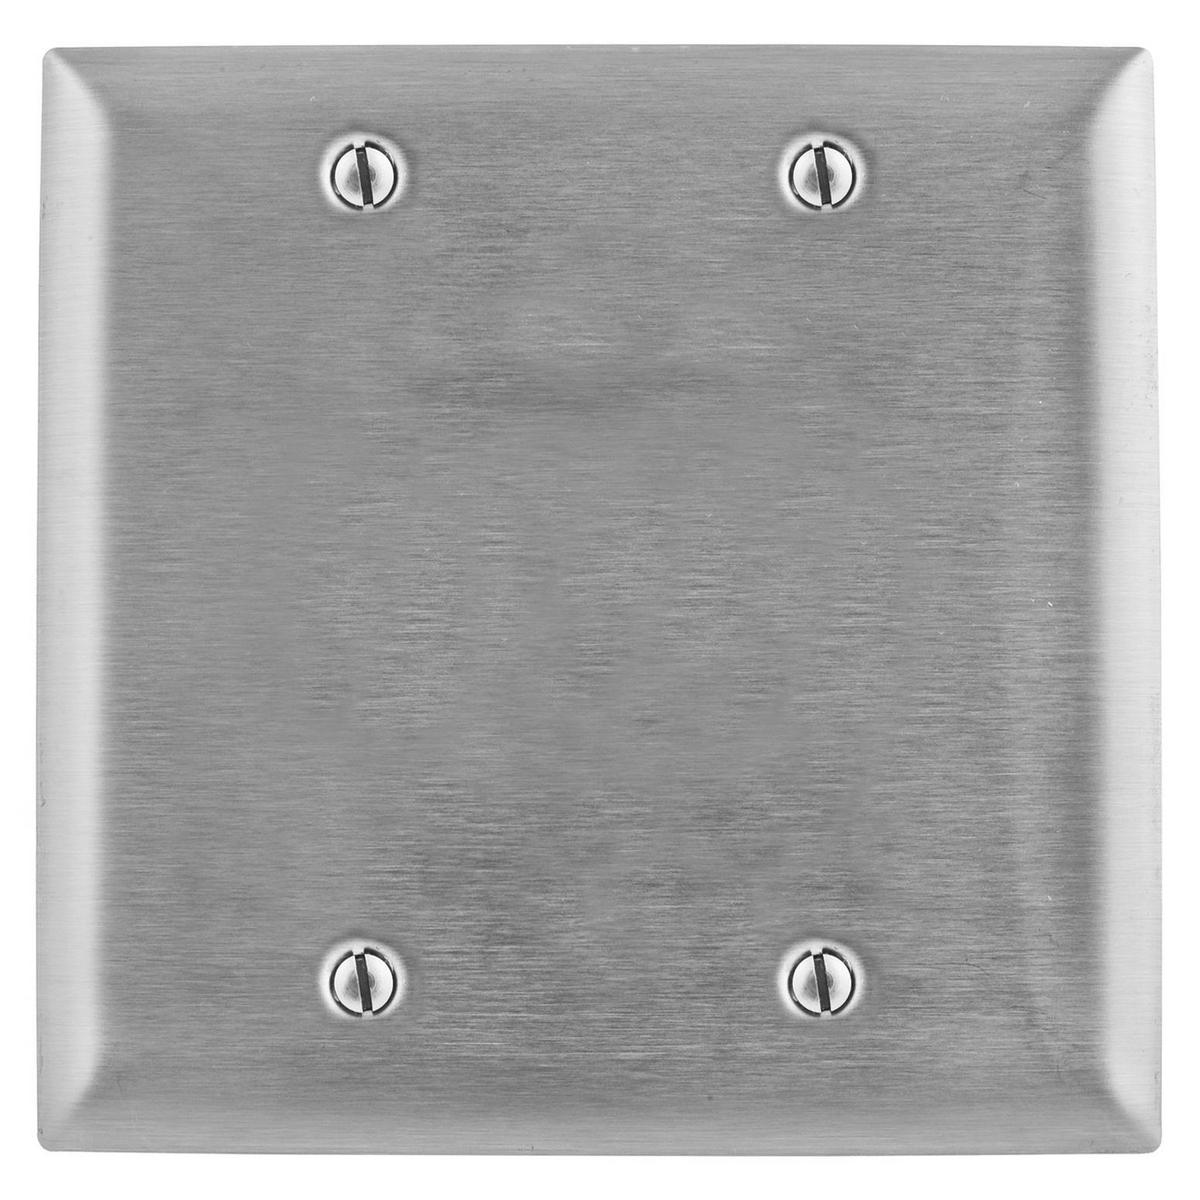 Hubbell SS23L Blank Wallplate